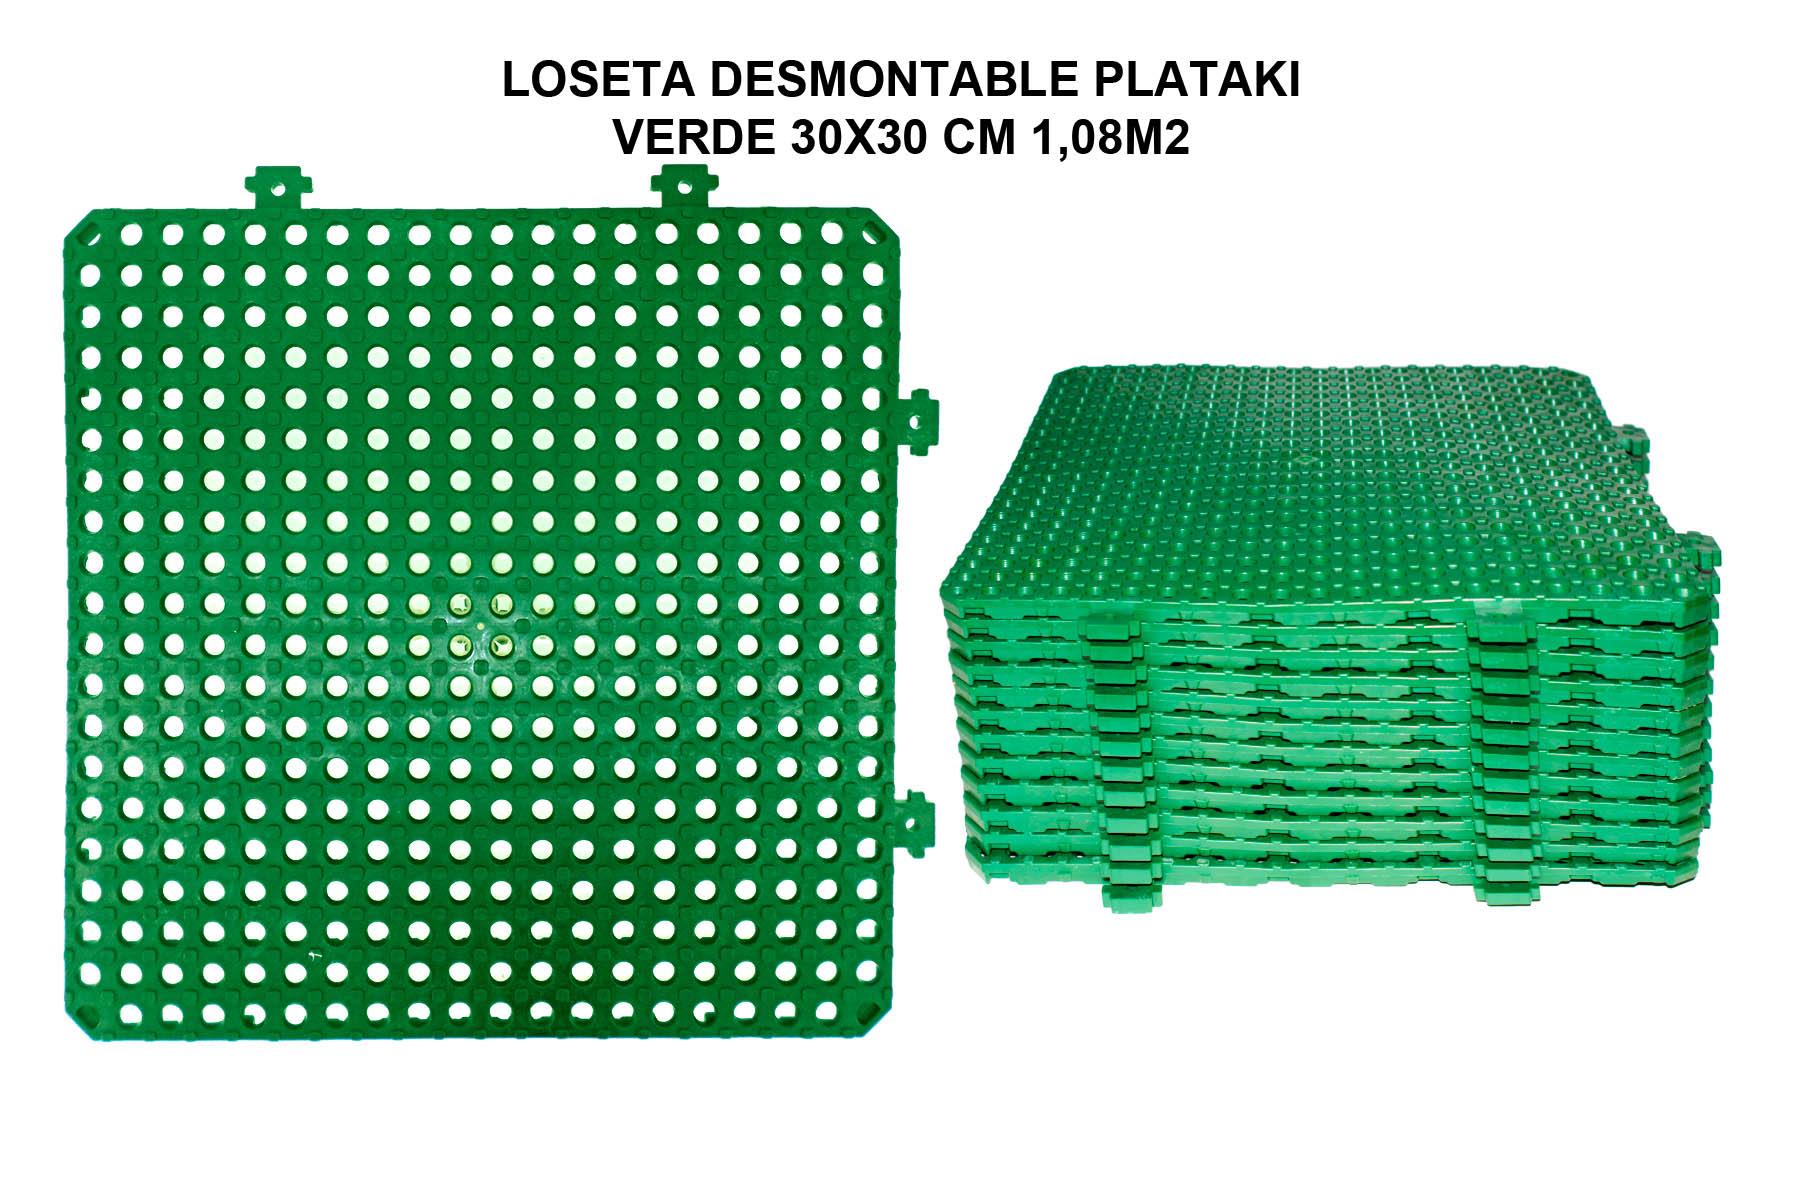 LOSETA DESMON PLATAKI VERDE 30X30 CM 1,08M2 SET 12